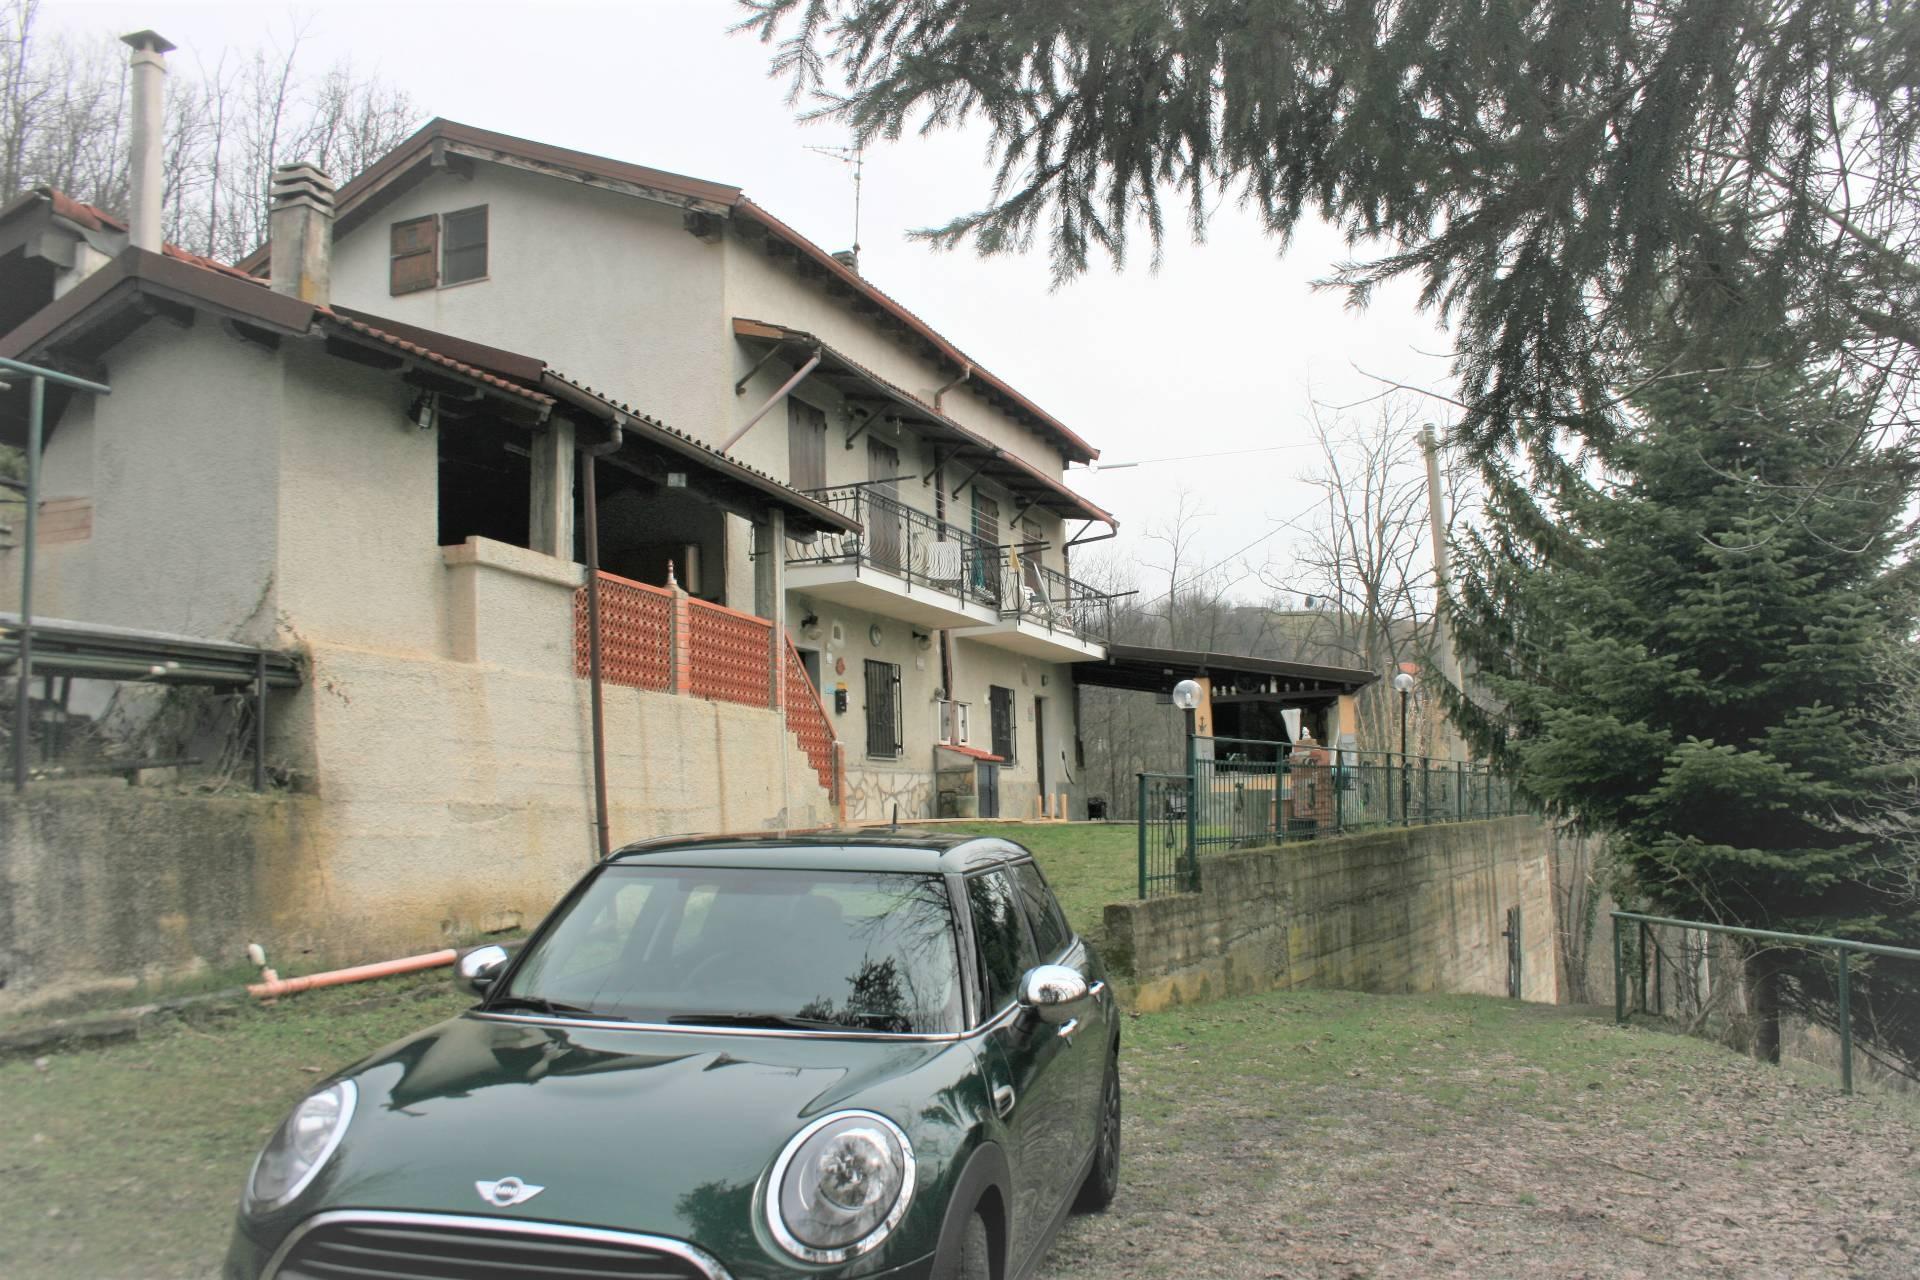 Soluzione Semindipendente in vendita a Morsasco, 6 locali, prezzo € 30.000 | PortaleAgenzieImmobiliari.it